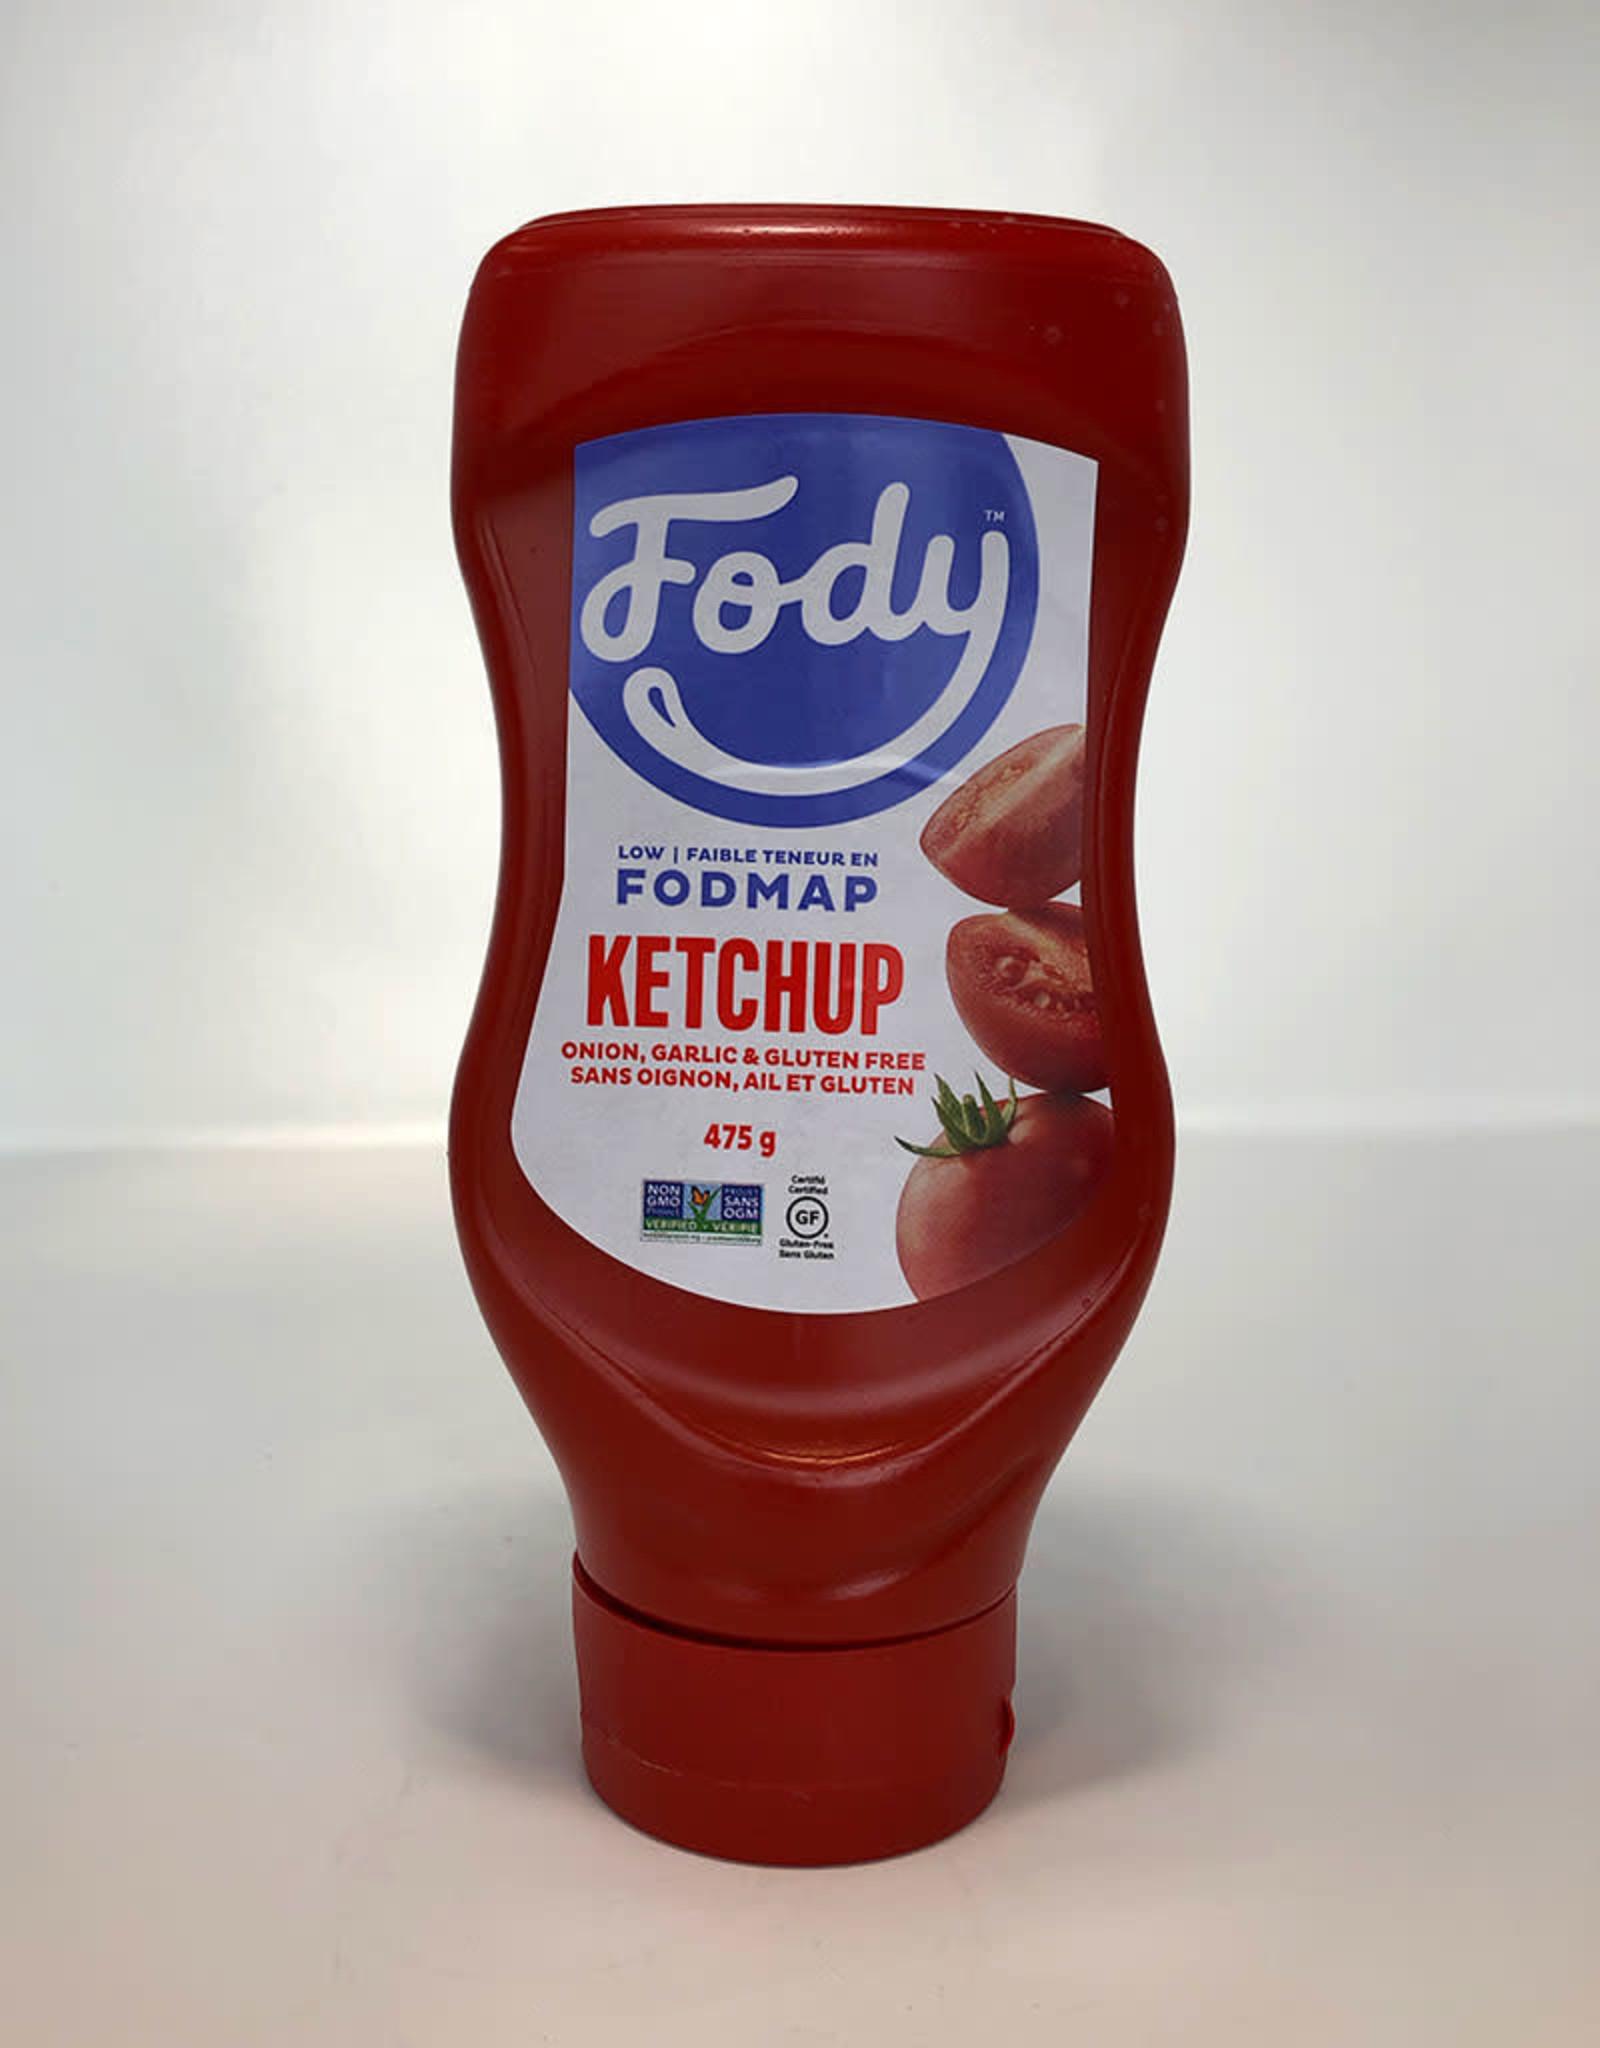 Fody Food Co. Fody - Ketchup